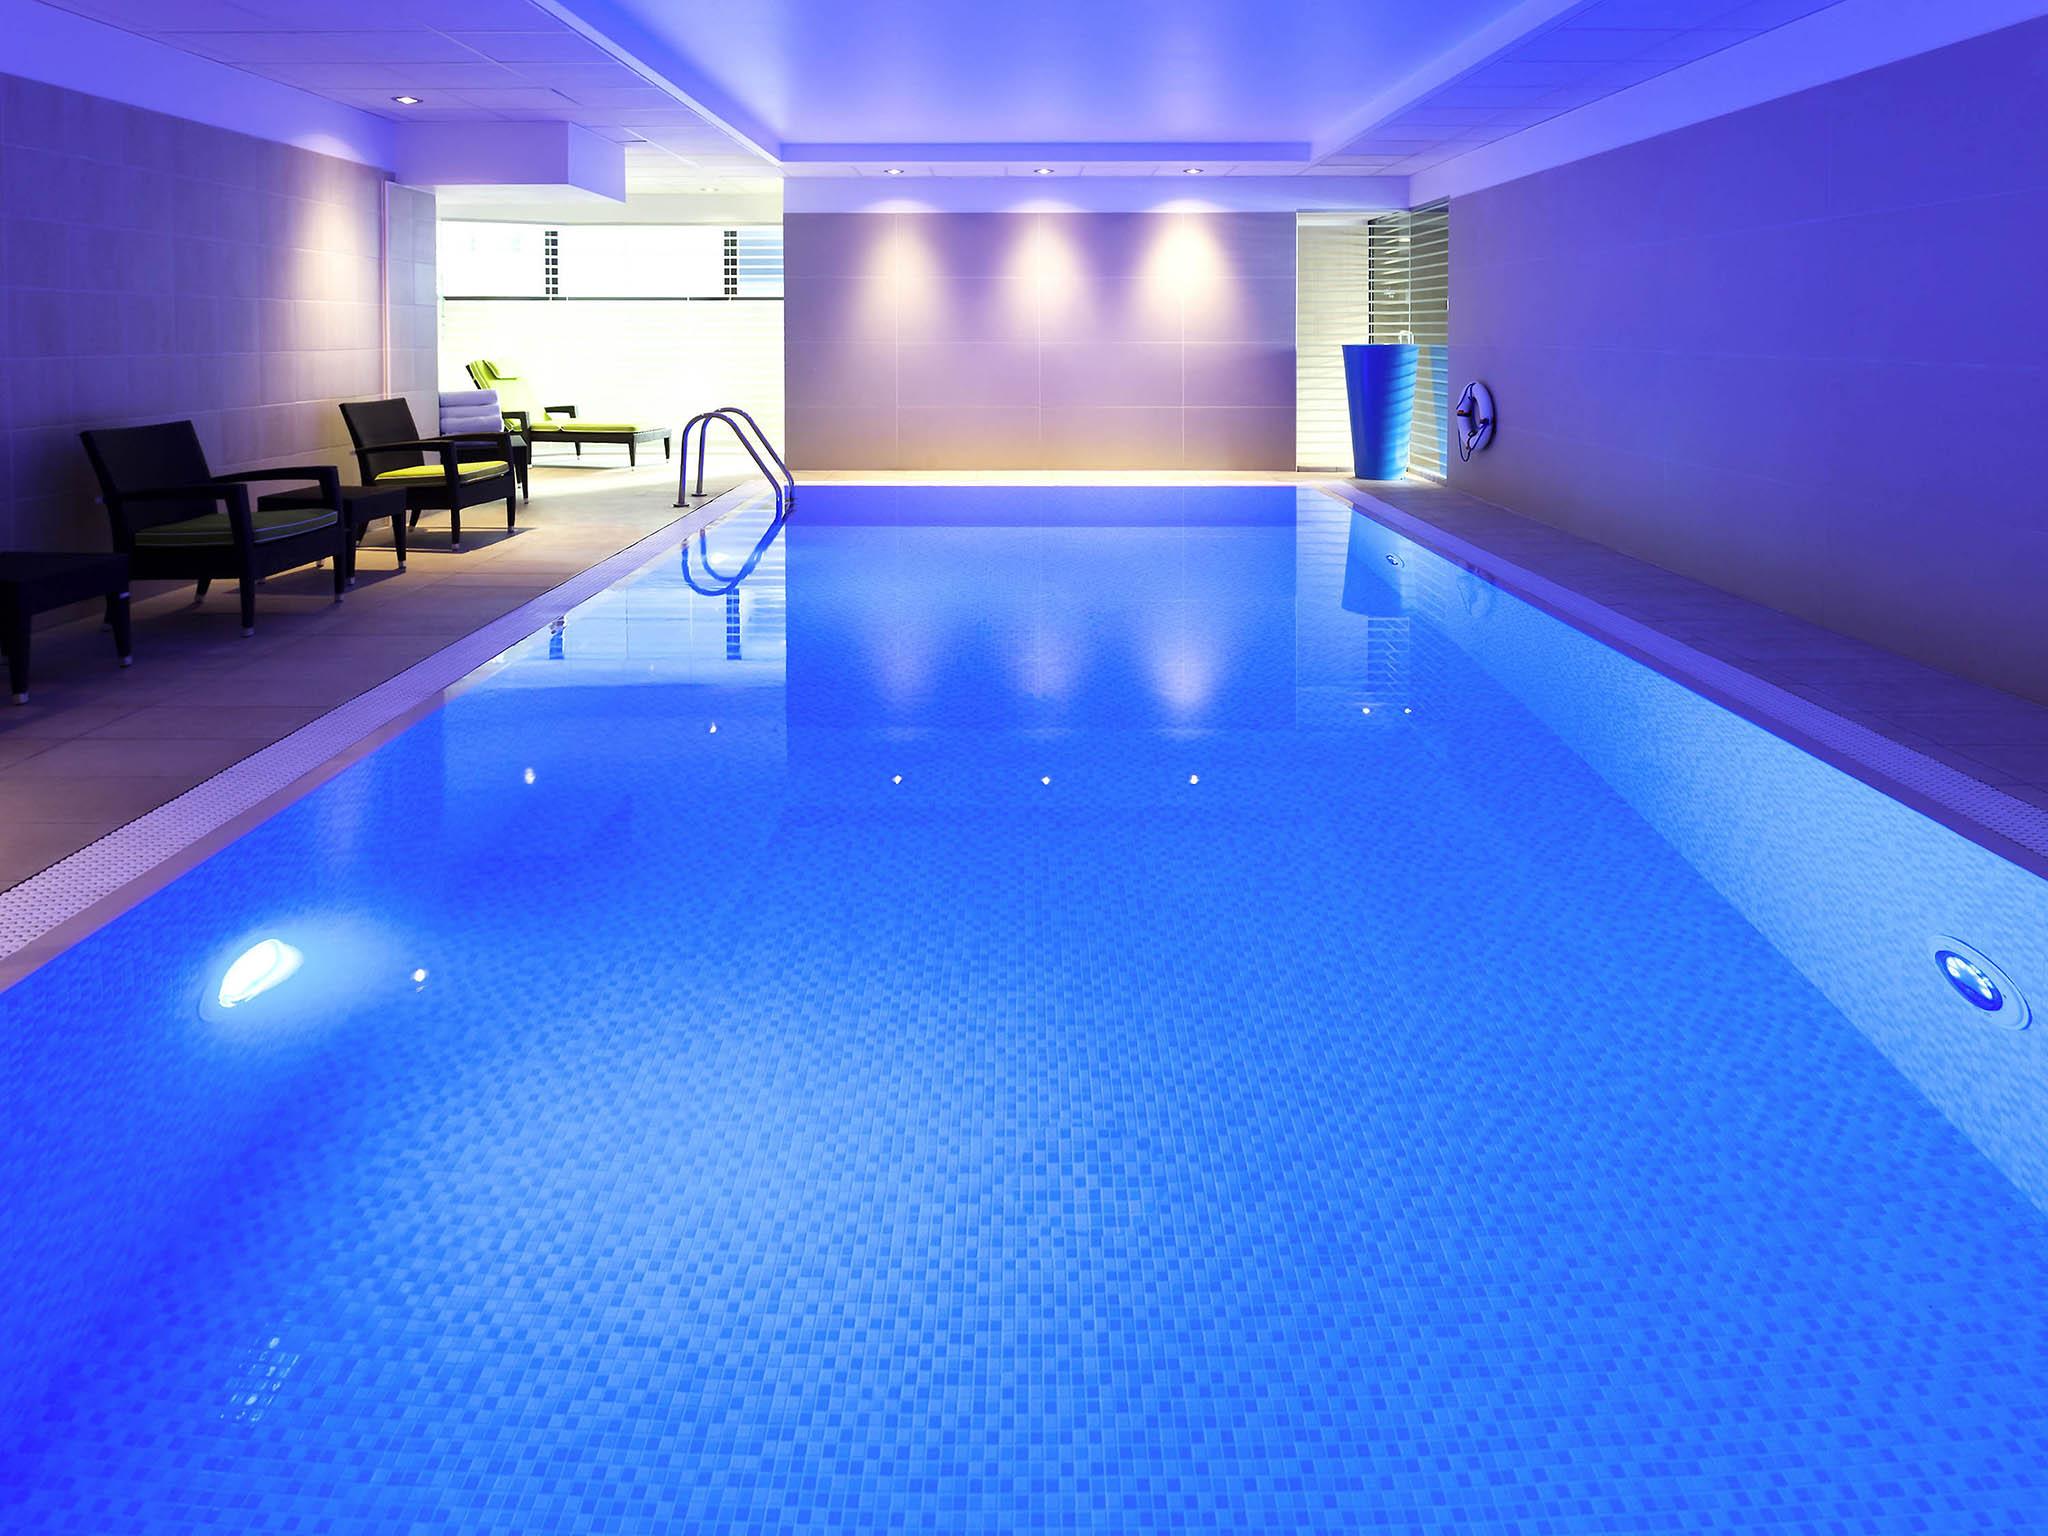 فندق - نوفوتيل Novotel لندن بادنغتون